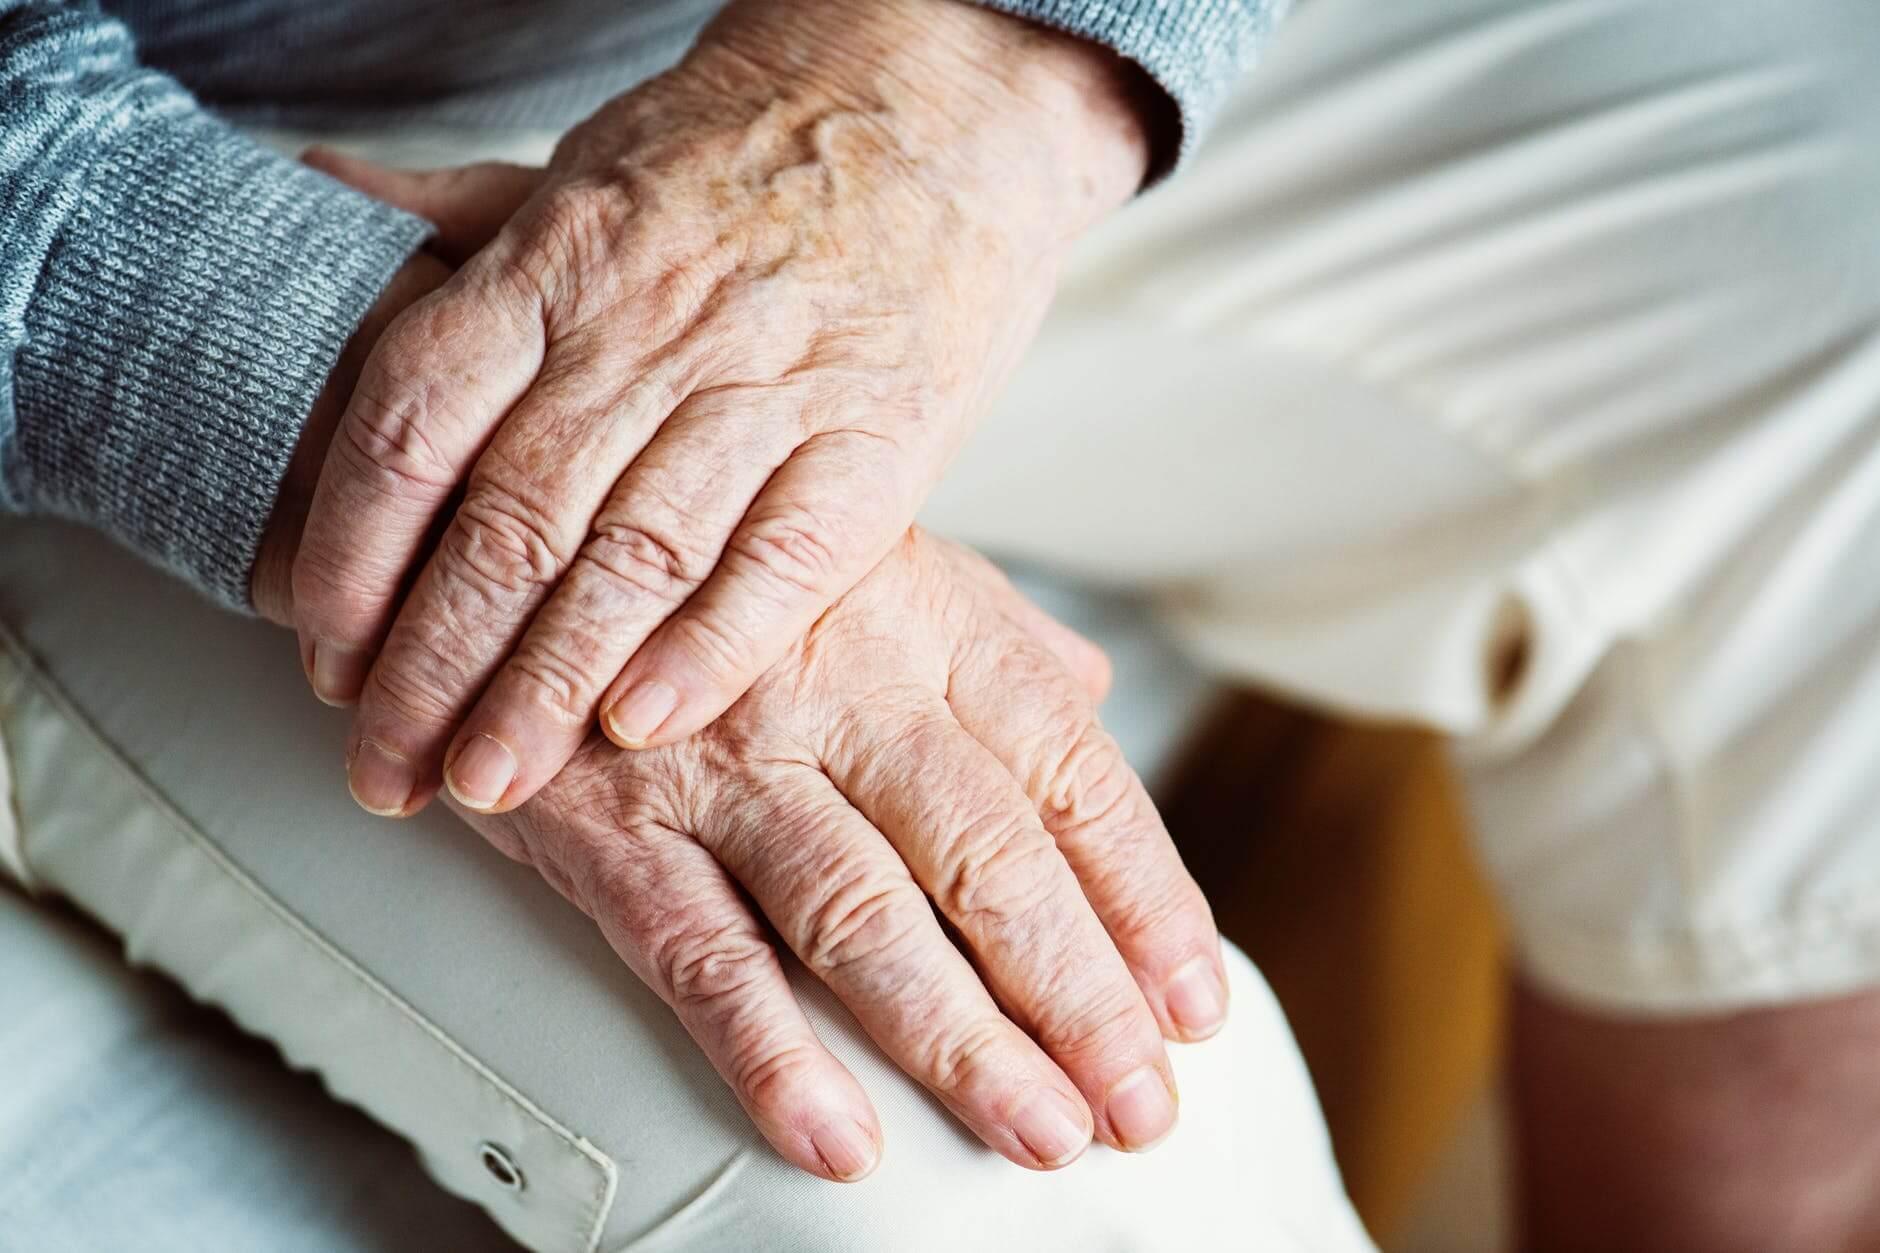 Danas je svjetski dan borbe protiv artritisa, saznajte zašto je bolje spriječiti nego liječiti